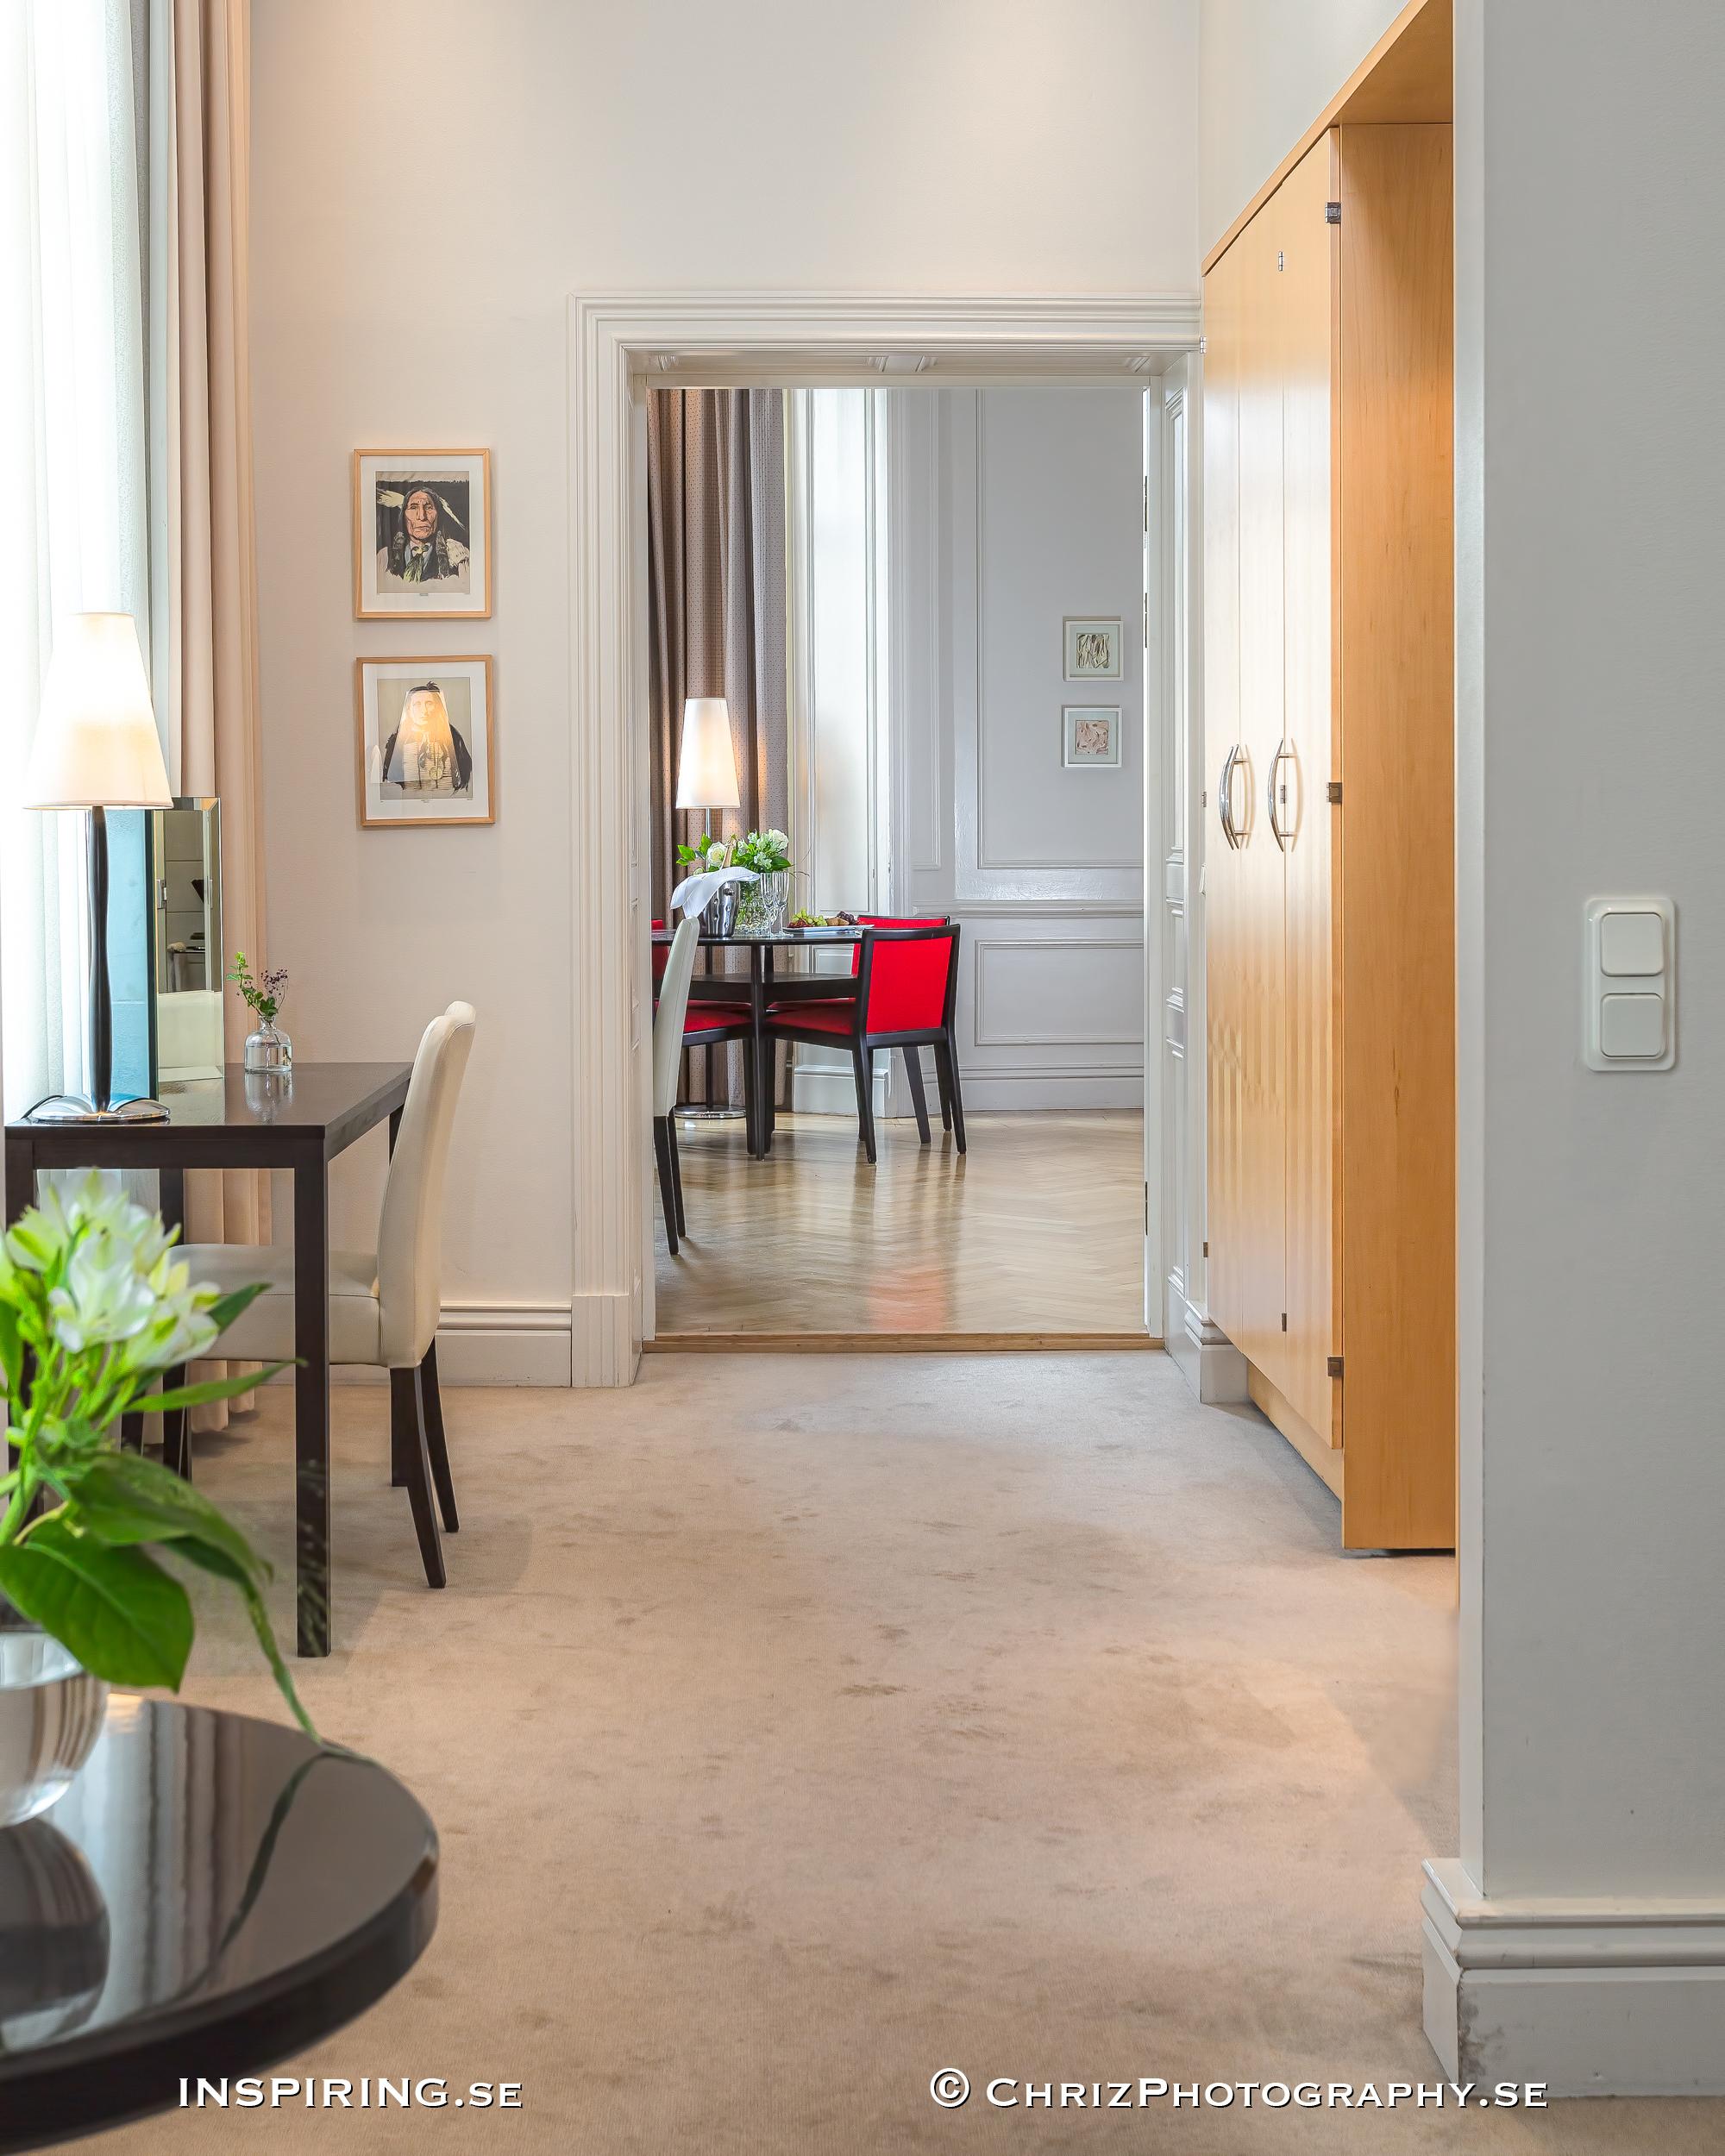 Elite_Hotel_Knaust_Inspiring.se_copyright_ChrizPhotography.se_10.jpg